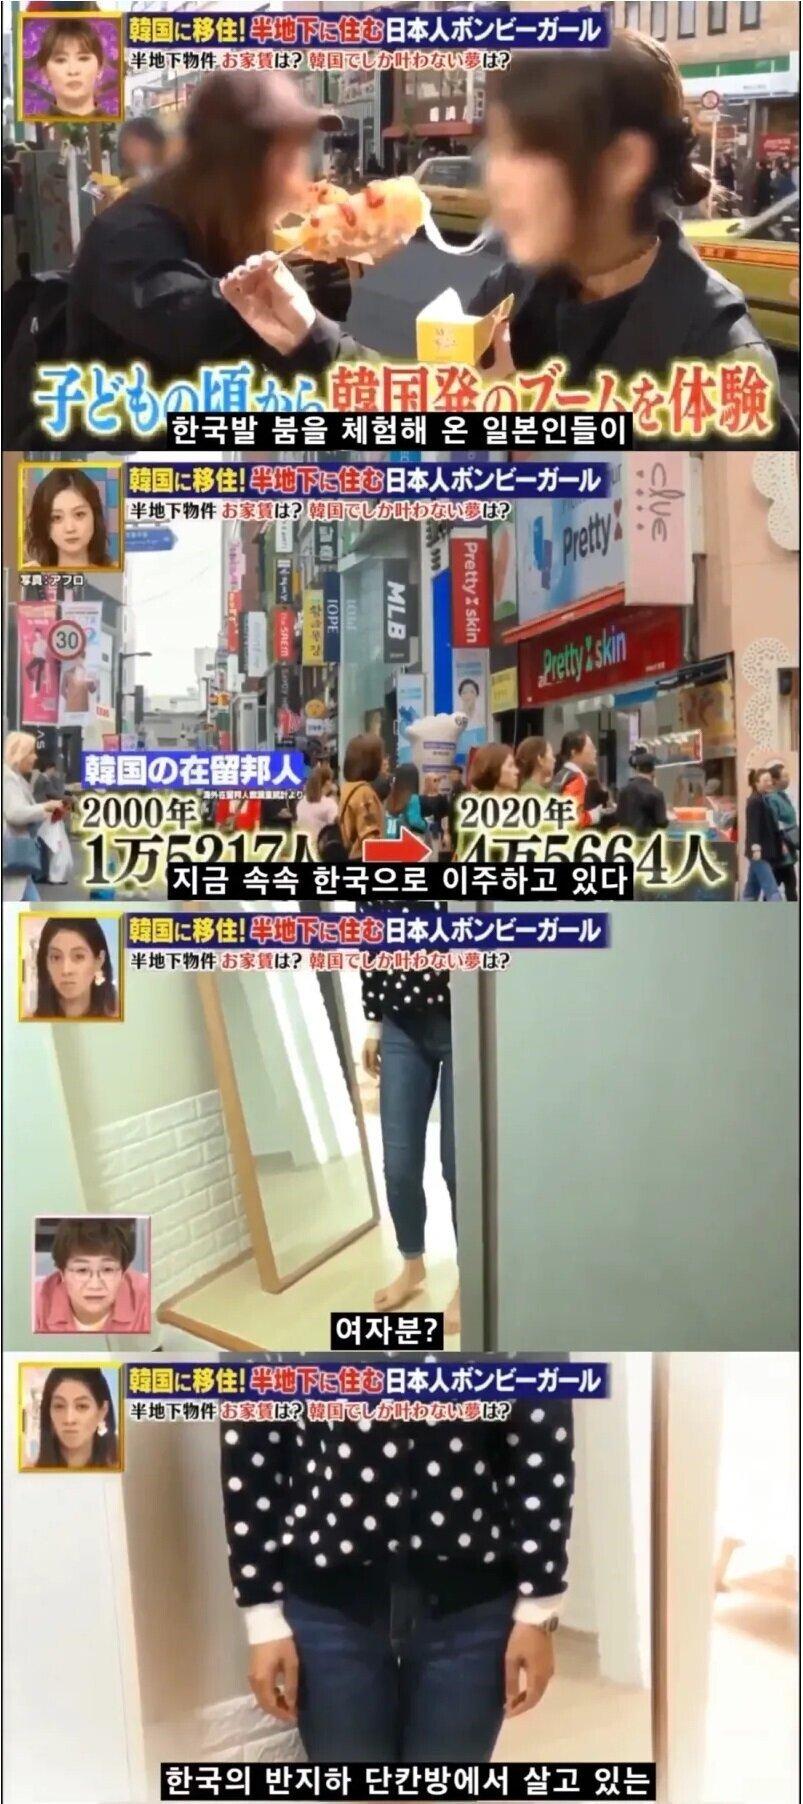 한국의 반지하집에서 사는 일본인 처자.jpg